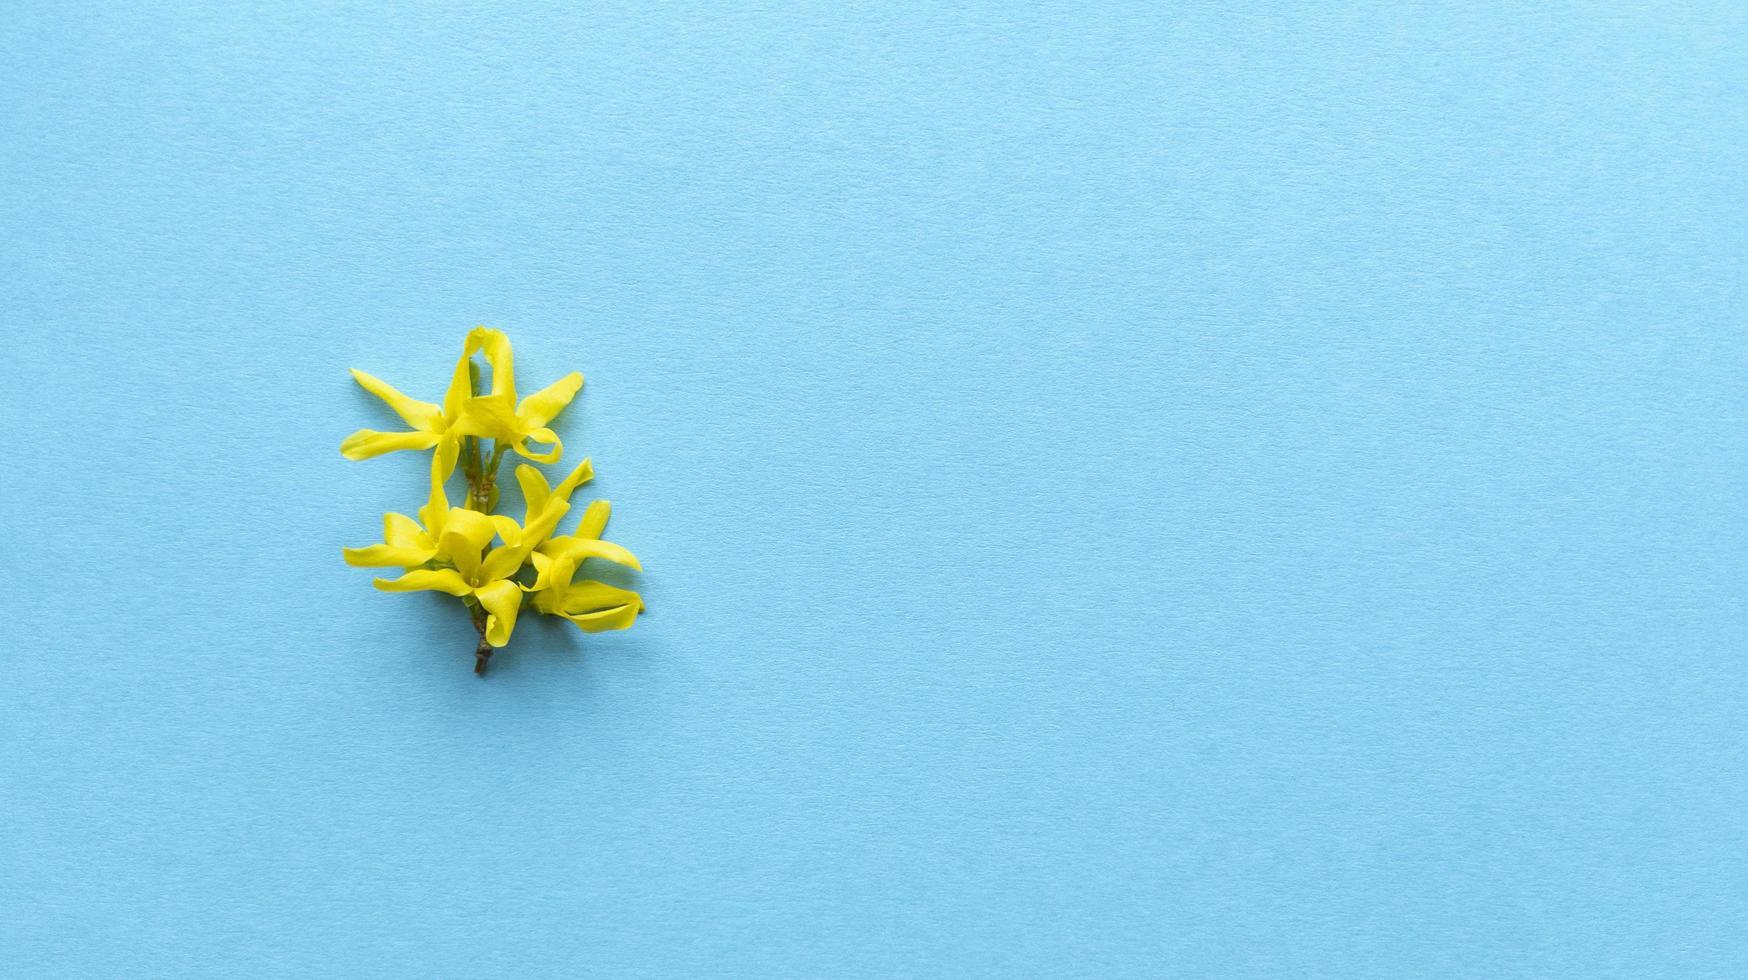 gul blomma blå bakgrund. enkel platt låg med pastellstruktur. mode ekokoncept. stock foto. foto